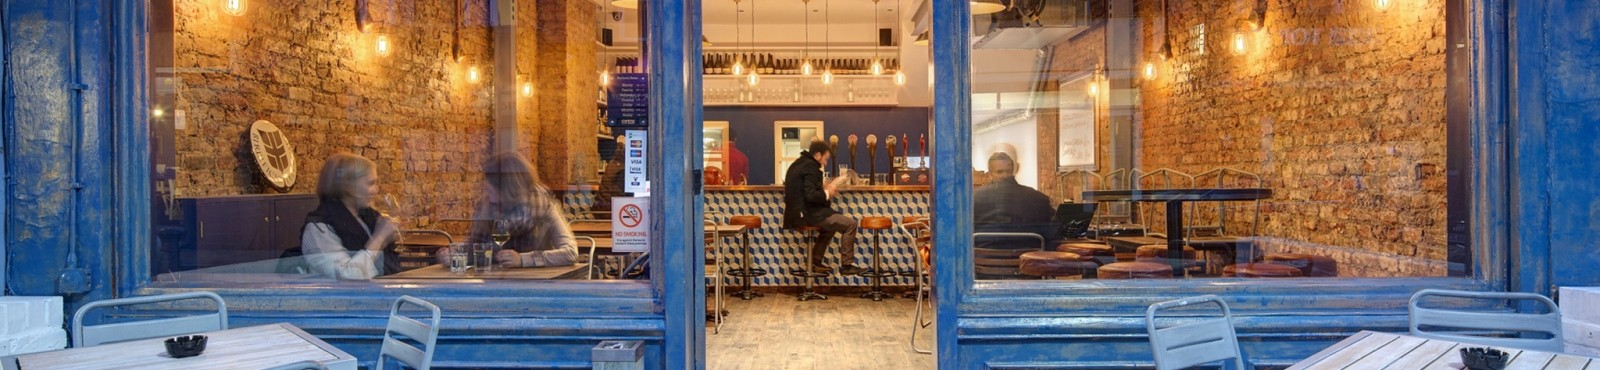 Оценка ресторана, кафе, столовой